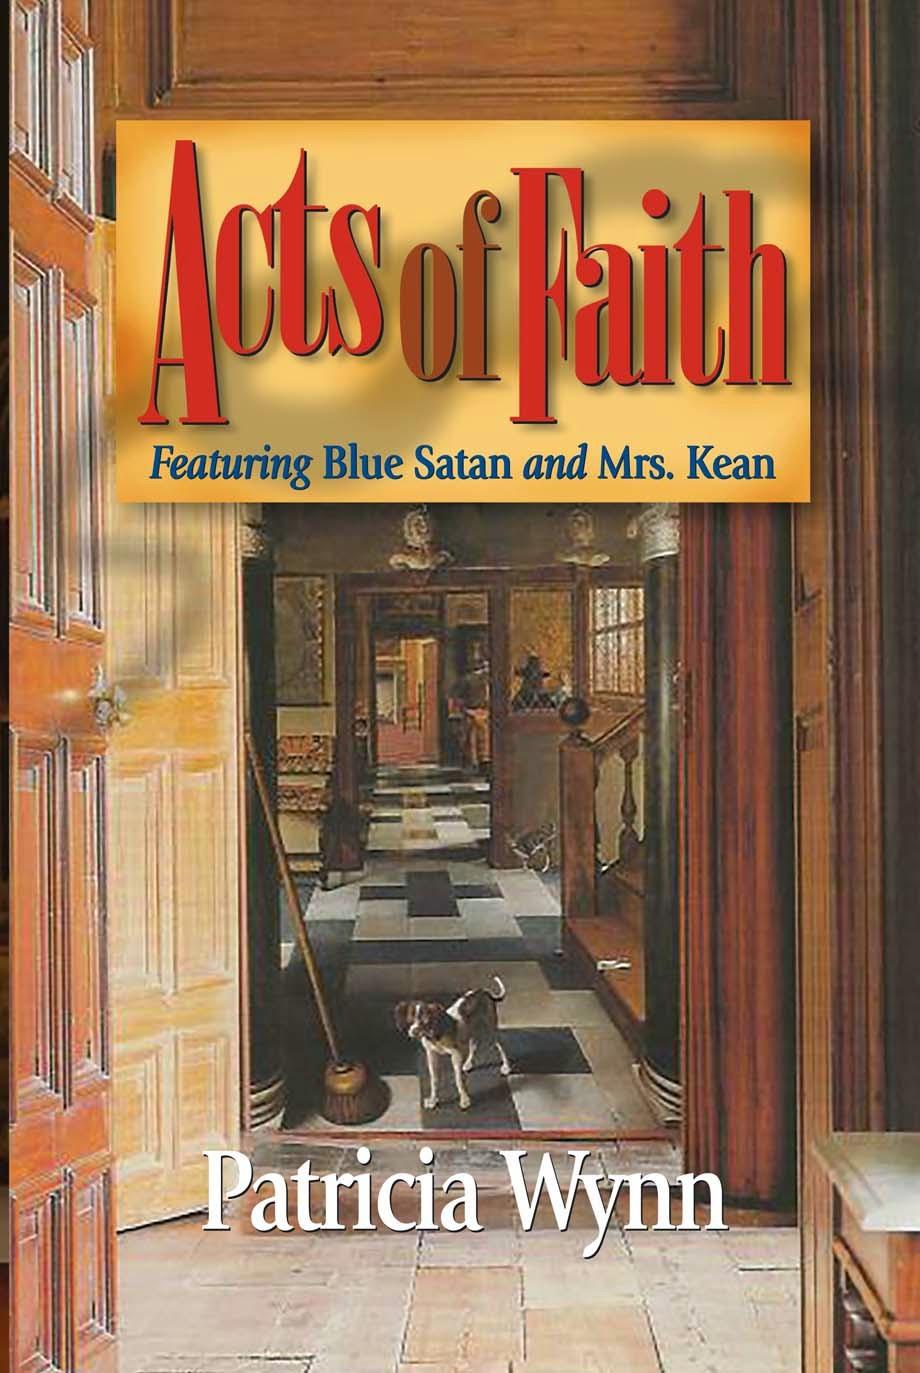 http://www.amazon.com/Acts-Faith-Blue-Satan-Mystery/dp/1935421077